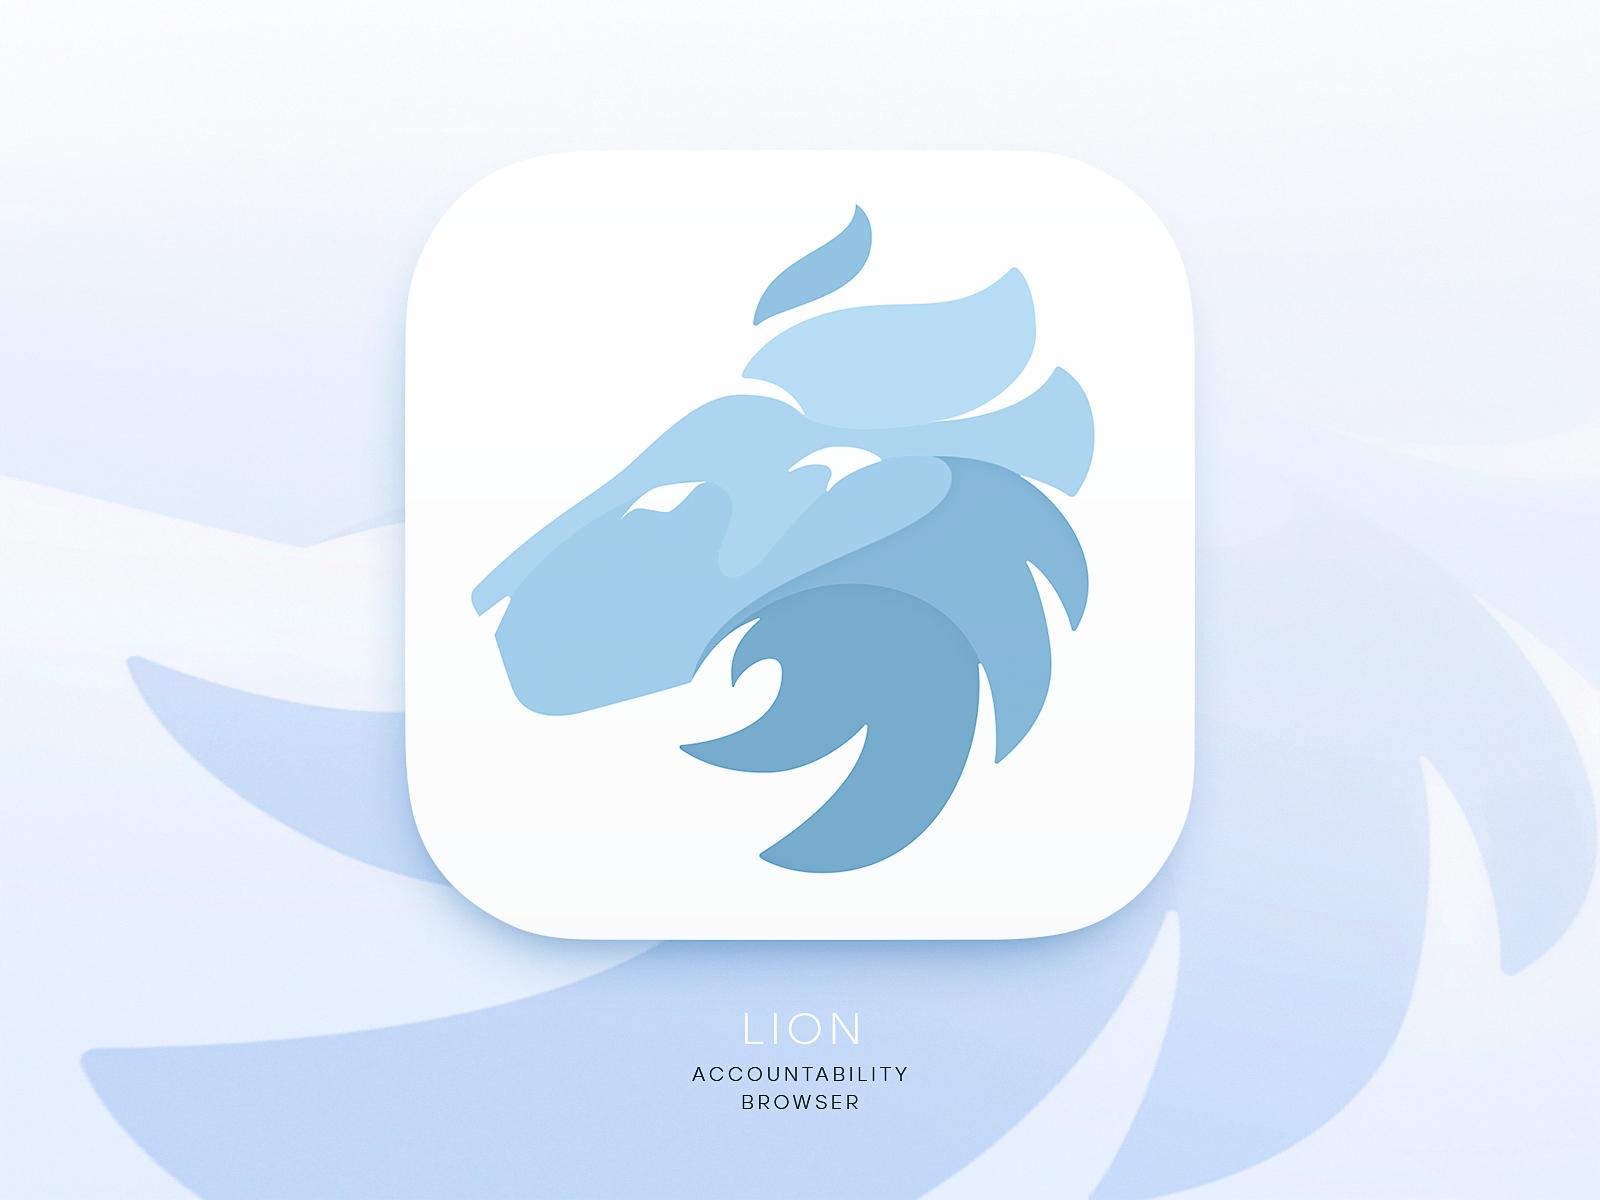 Lion browser logo tubik-design big